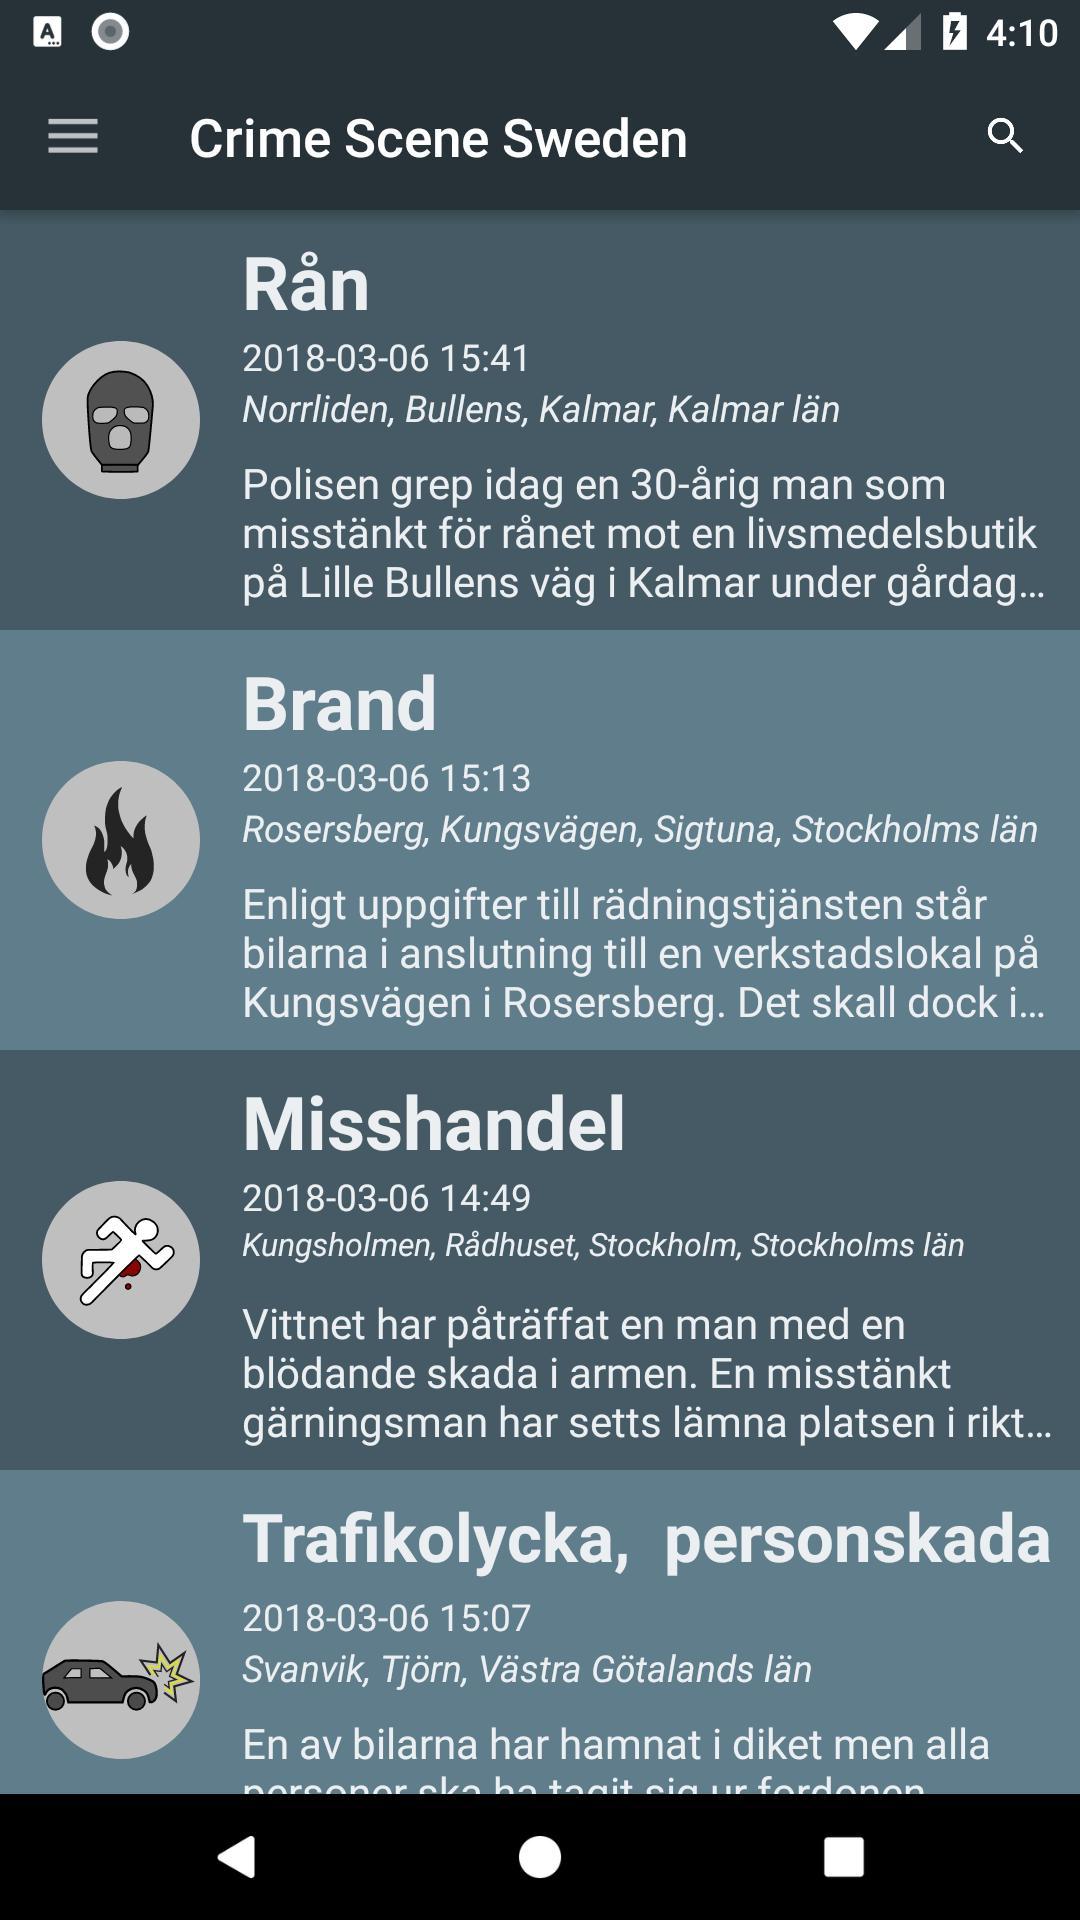 Crime Alert Sweden for Android - APK Download